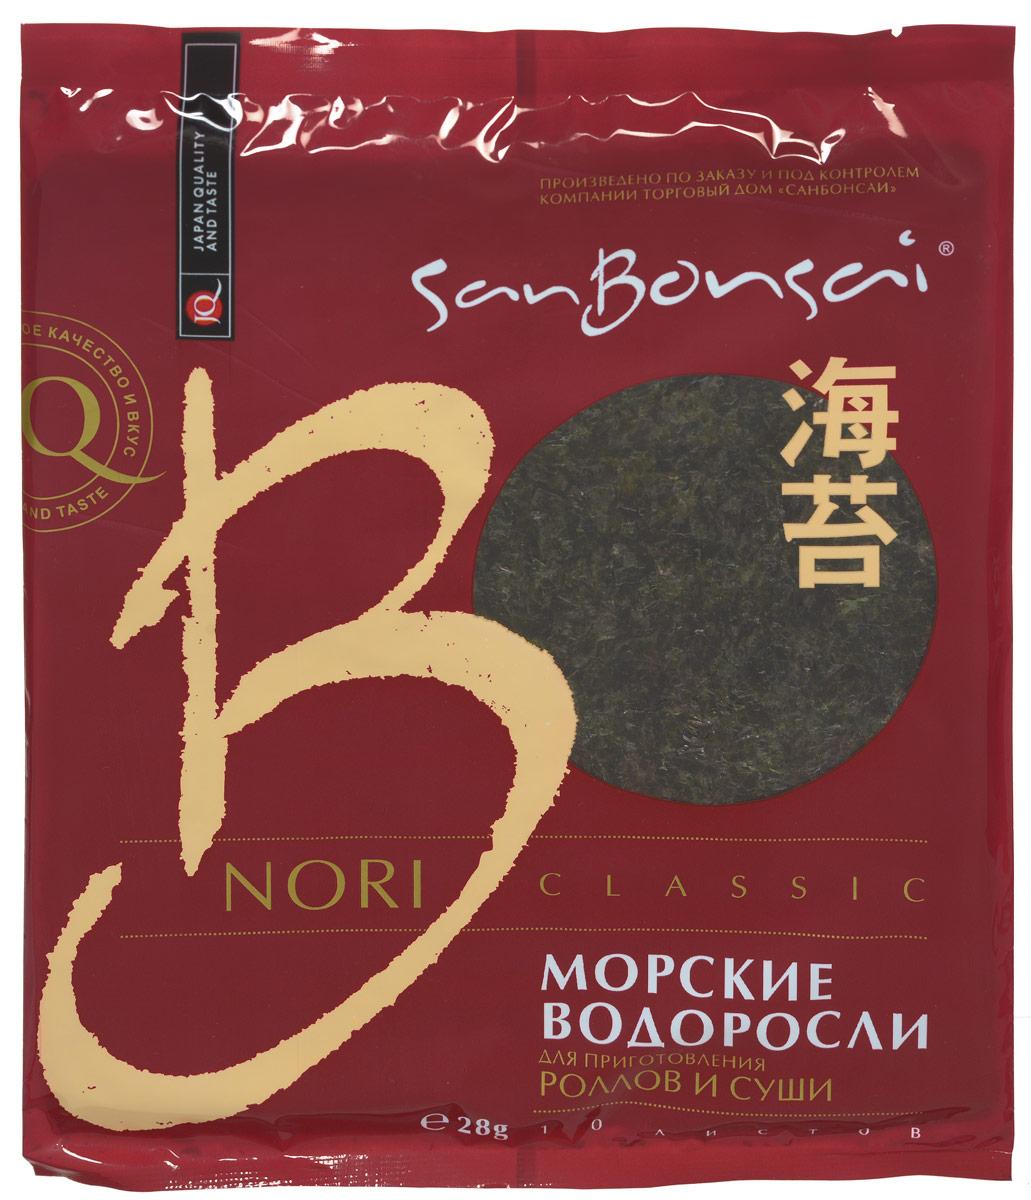 SanBonsai Nori Classic морские водоросли для роллов и суши, 28 г (10 листов) где можно купить нори для роллов